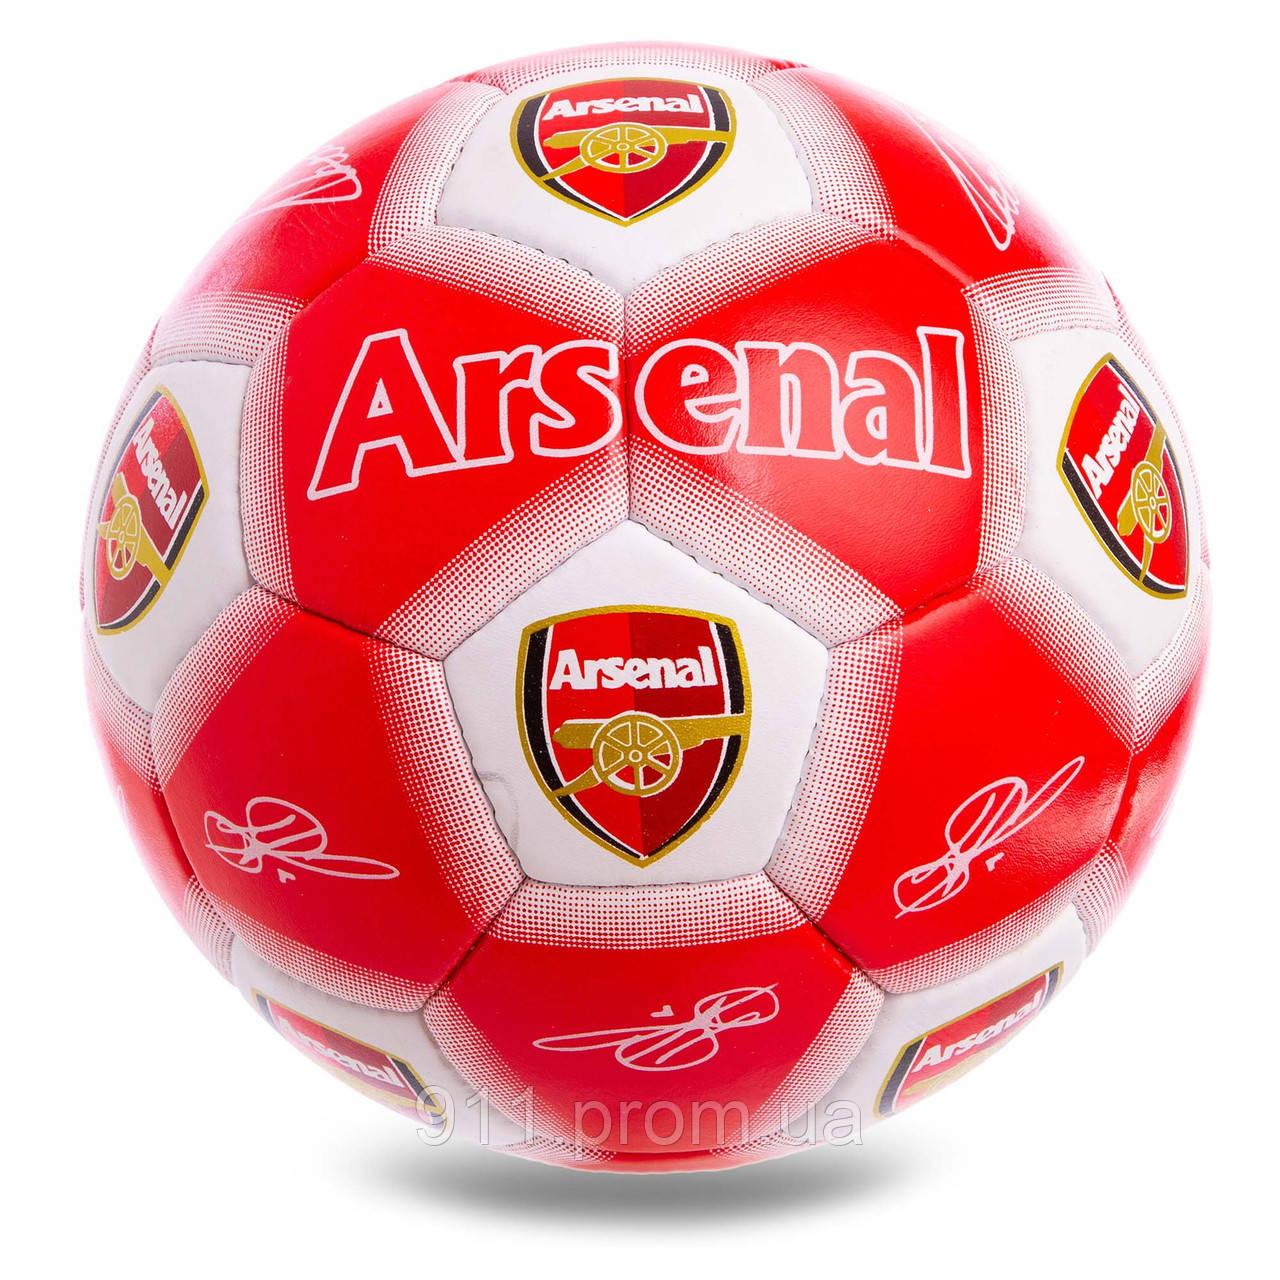 Мяч футбольный Arsenal